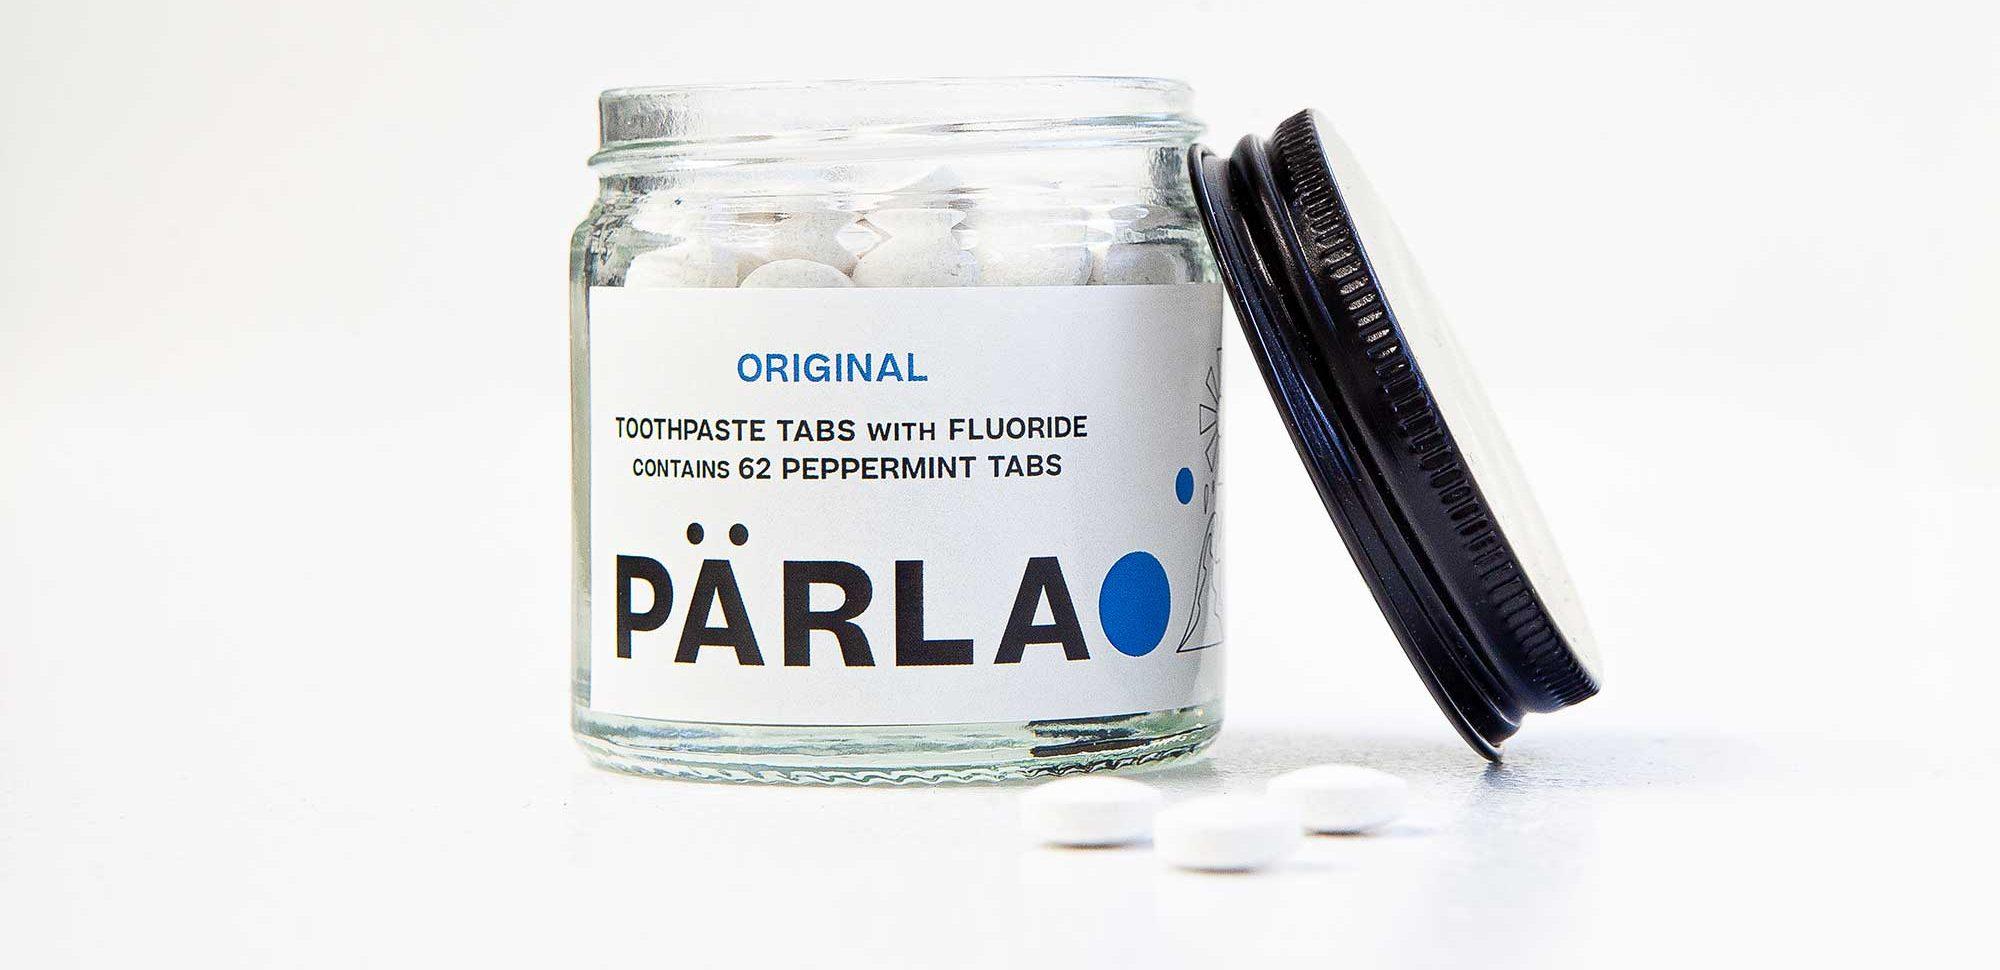 Pärla toothpaste tabs